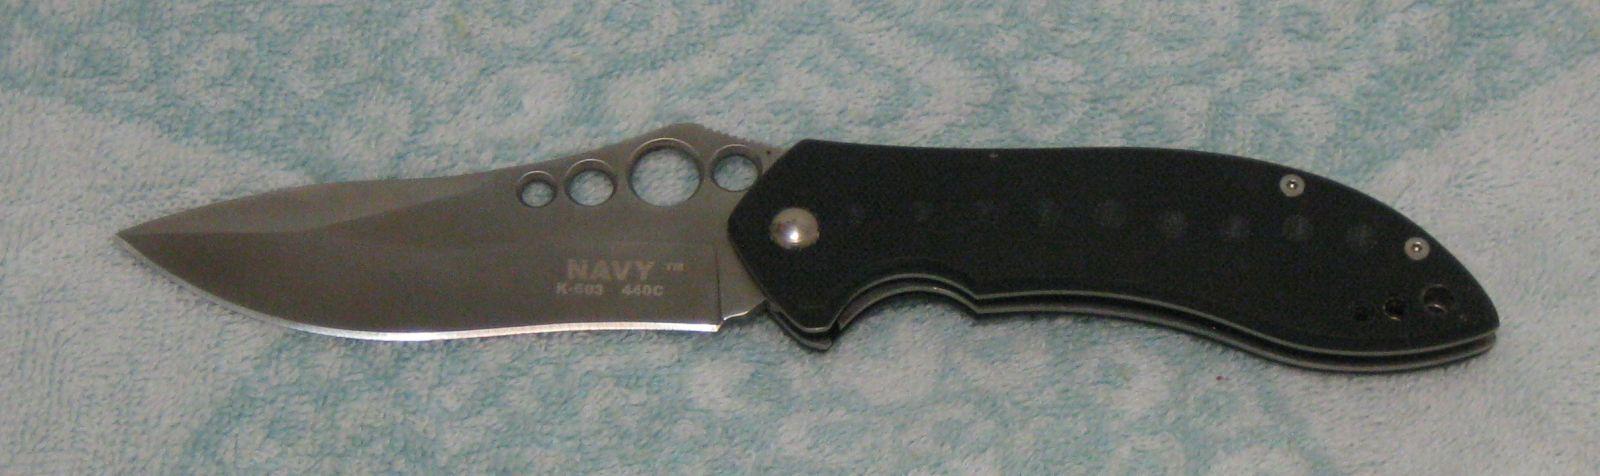 navy_k603